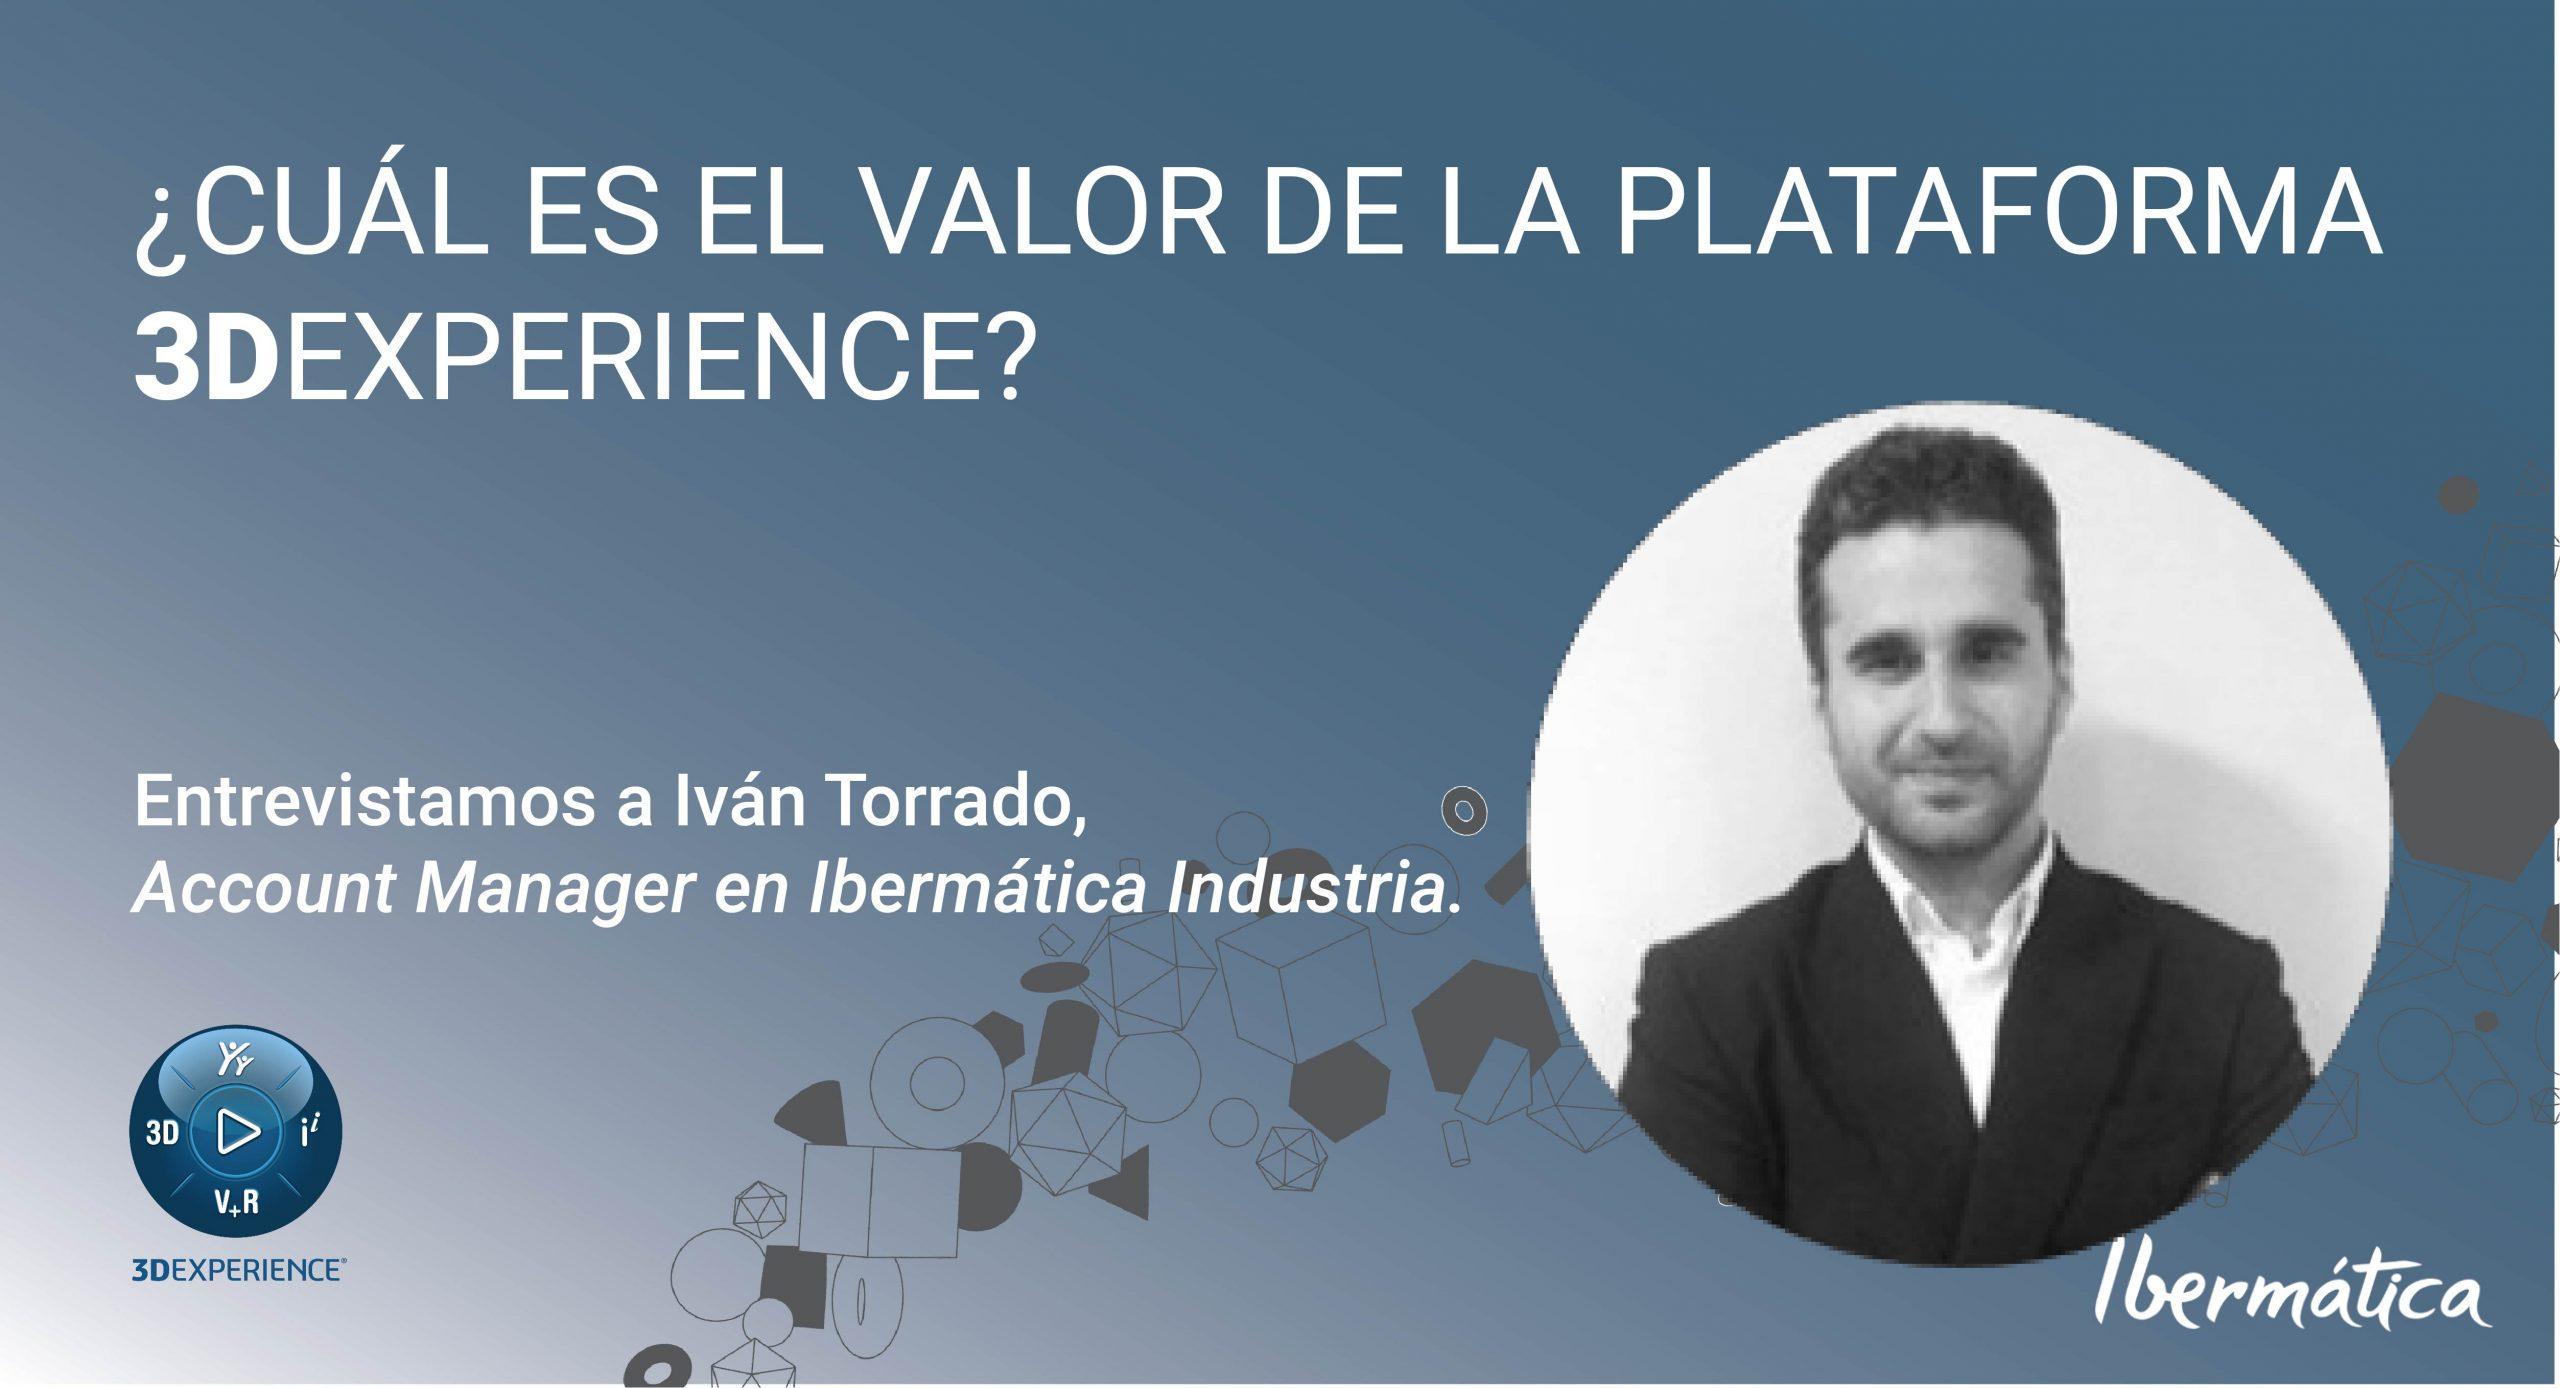 EL VALOR DE LA 3DEXPERIENCE. Entrevista a nuestro compañero y usuario de la misma Iván Torrado.